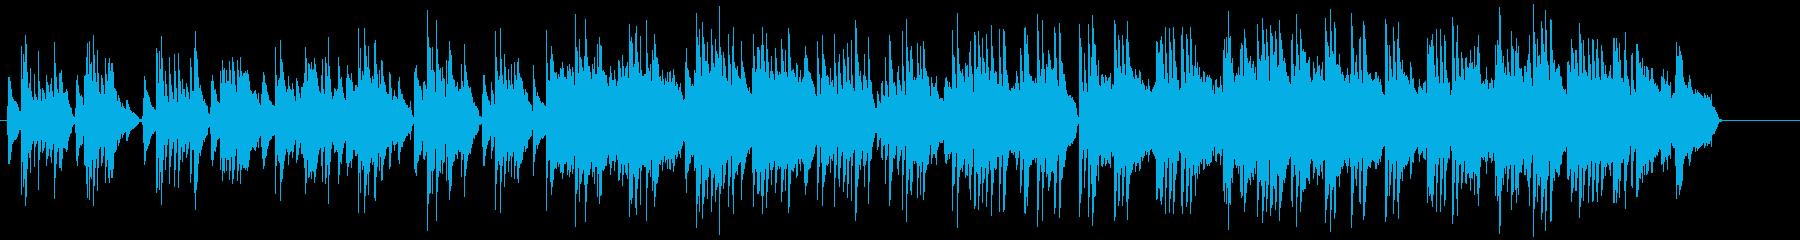 生ナイロンギターのしっとりしたバラードの再生済みの波形